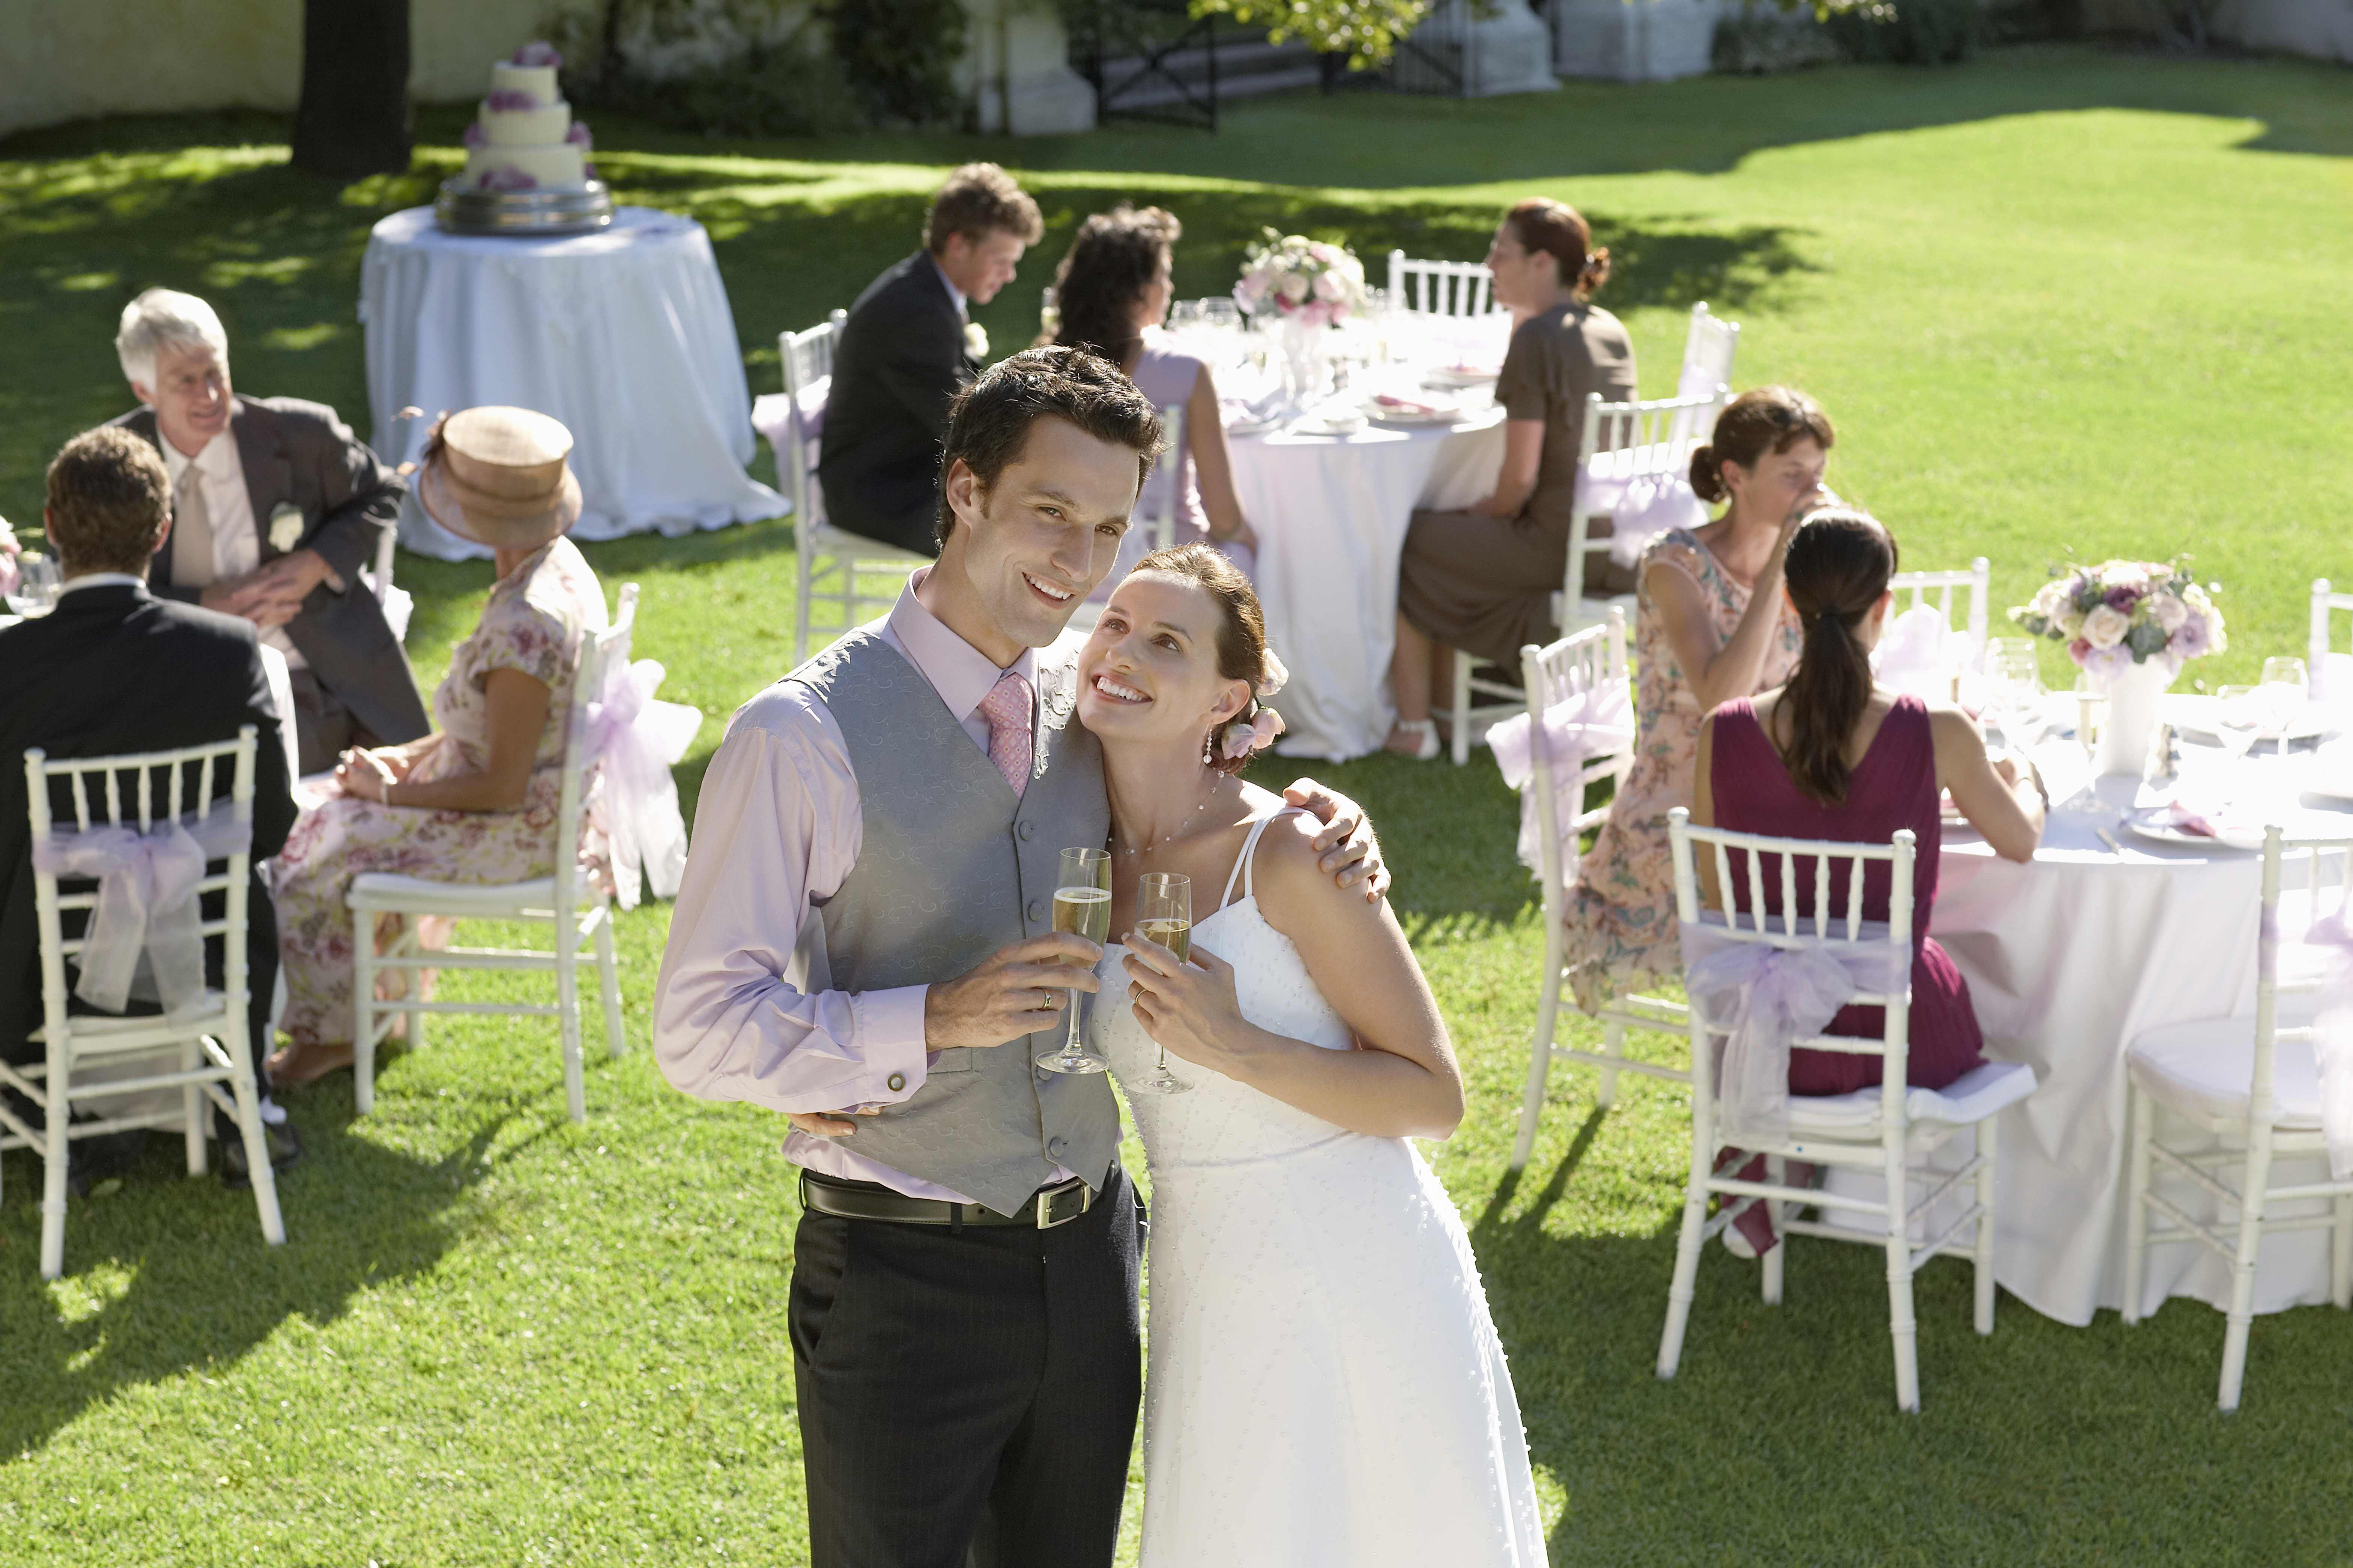 Hochzeit im freien hochzeitsportal24 - Hochzeitsfeier im garten ...